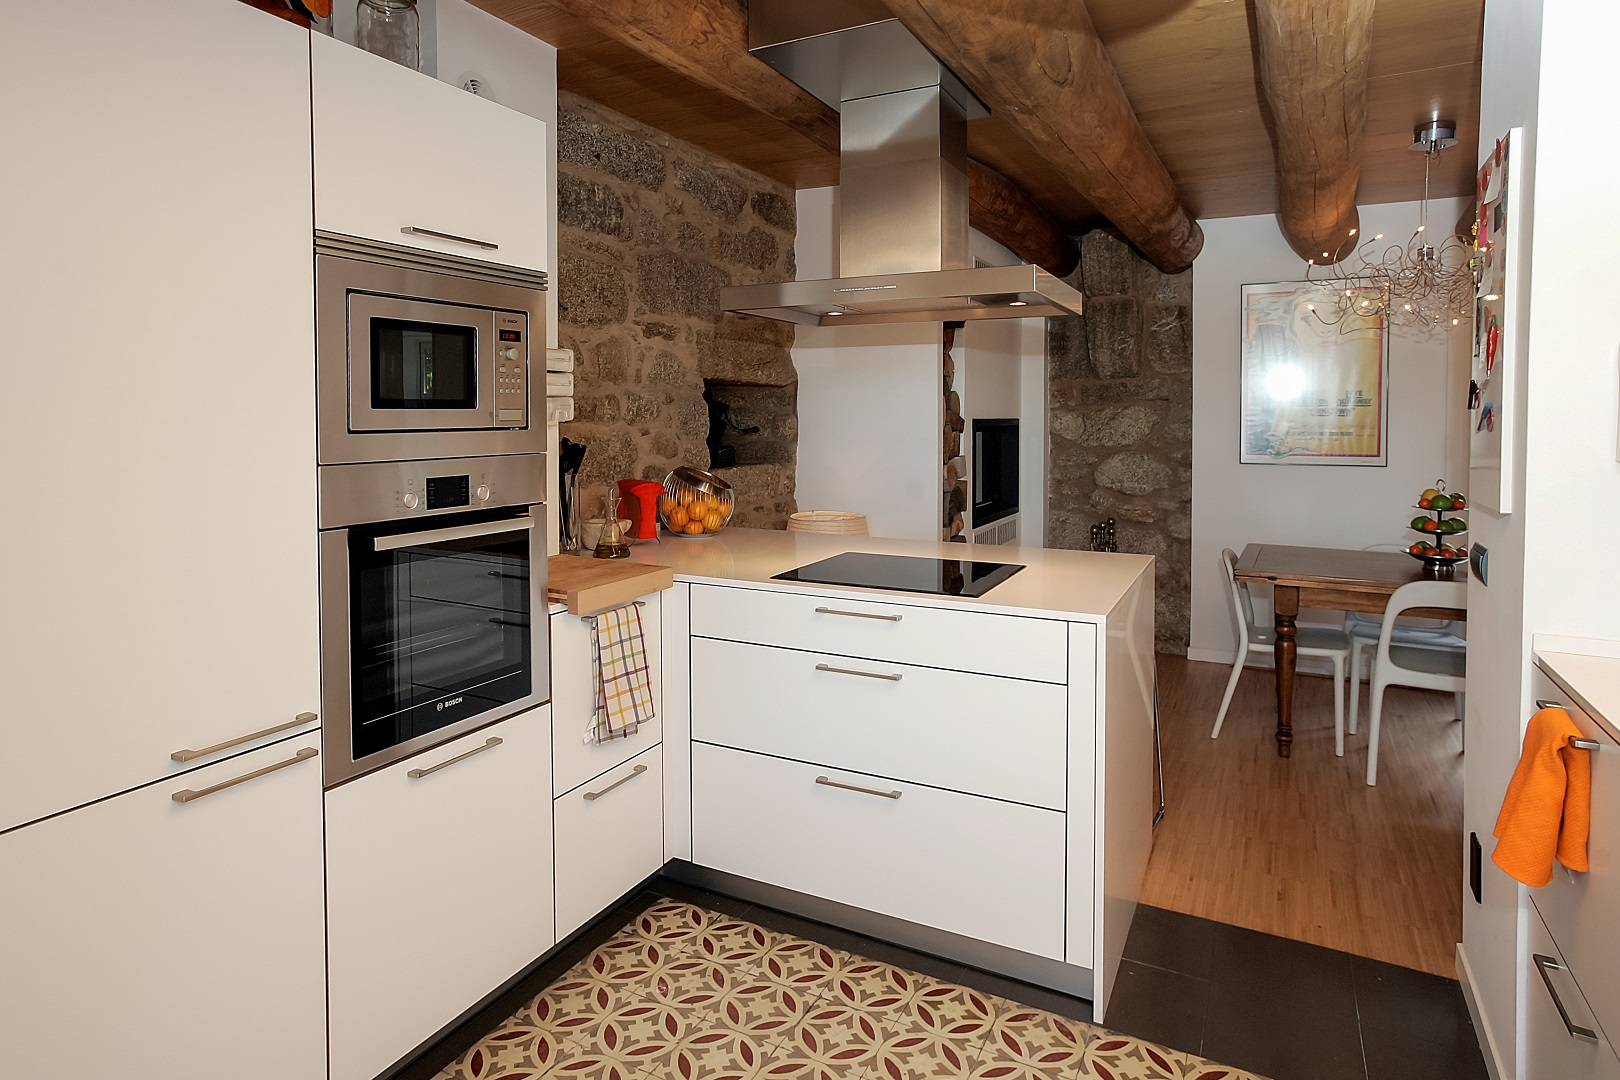 Cocina blanca en casa rústica Santiago Interiores